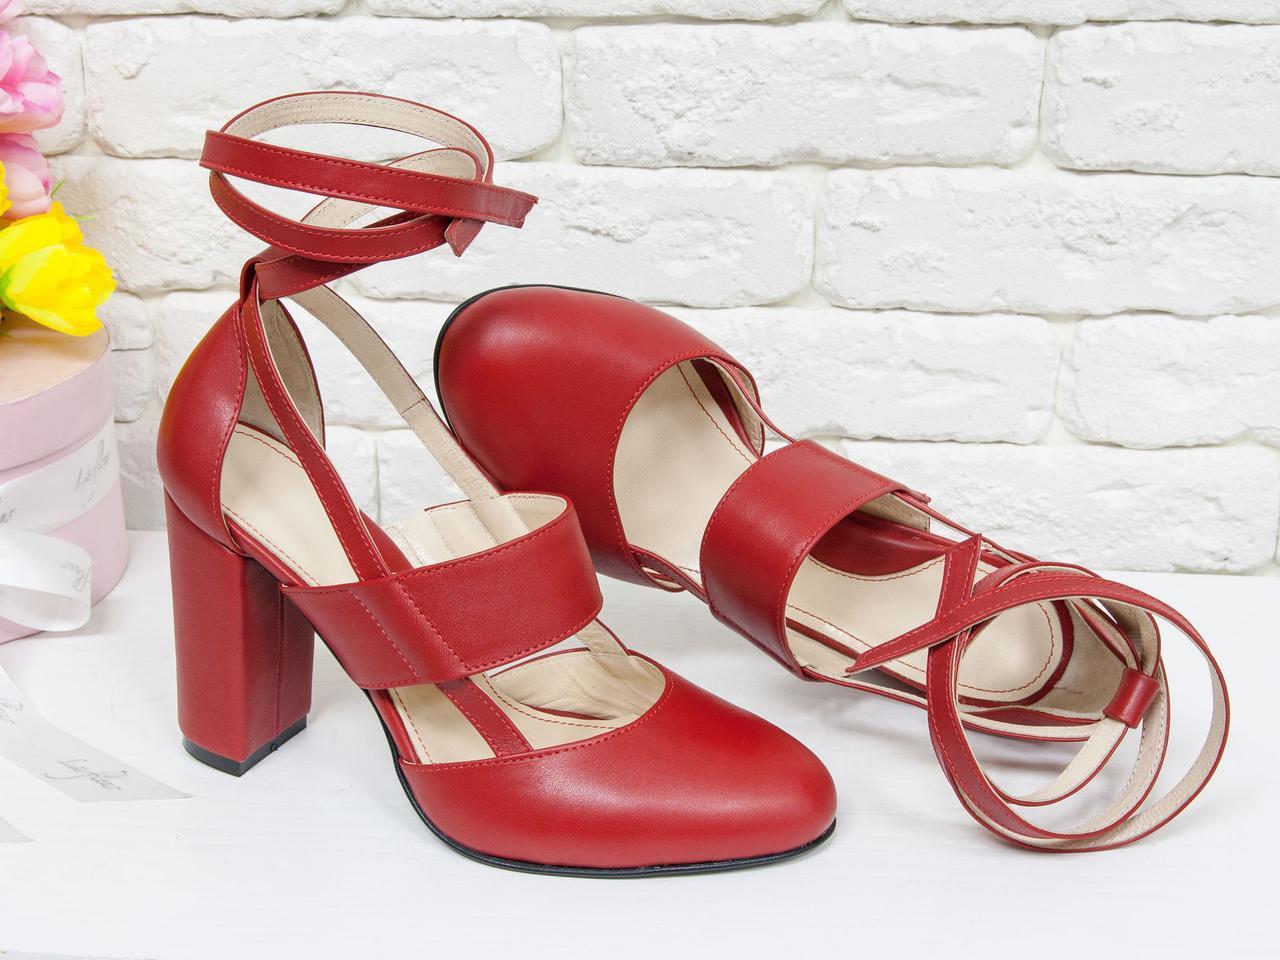 Туфли женские на устойчивом каблуке из натуральной кожи красного цвета